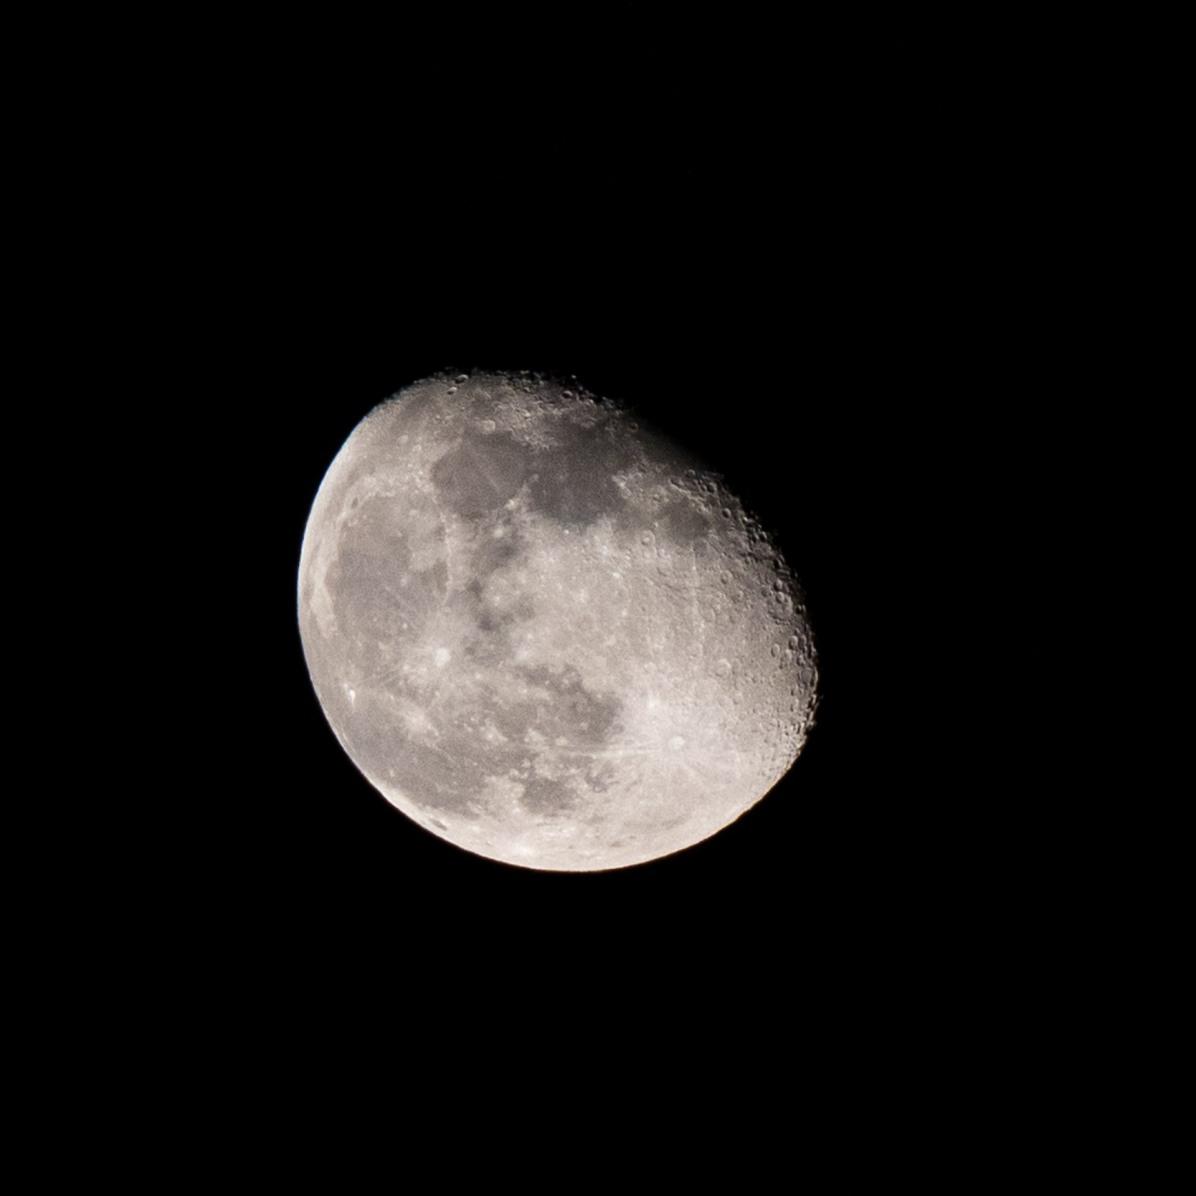 Dag 4 vanaf volle maan. De maan vanavond 22 februari. Gisteren is het me niet gelukt, maar vandaag liet de maan zich weer zien. tijdstip opname 23.22 uur. Maanopkomst 22.02 uur Maanondergang 09.21 uur (Maan 4)